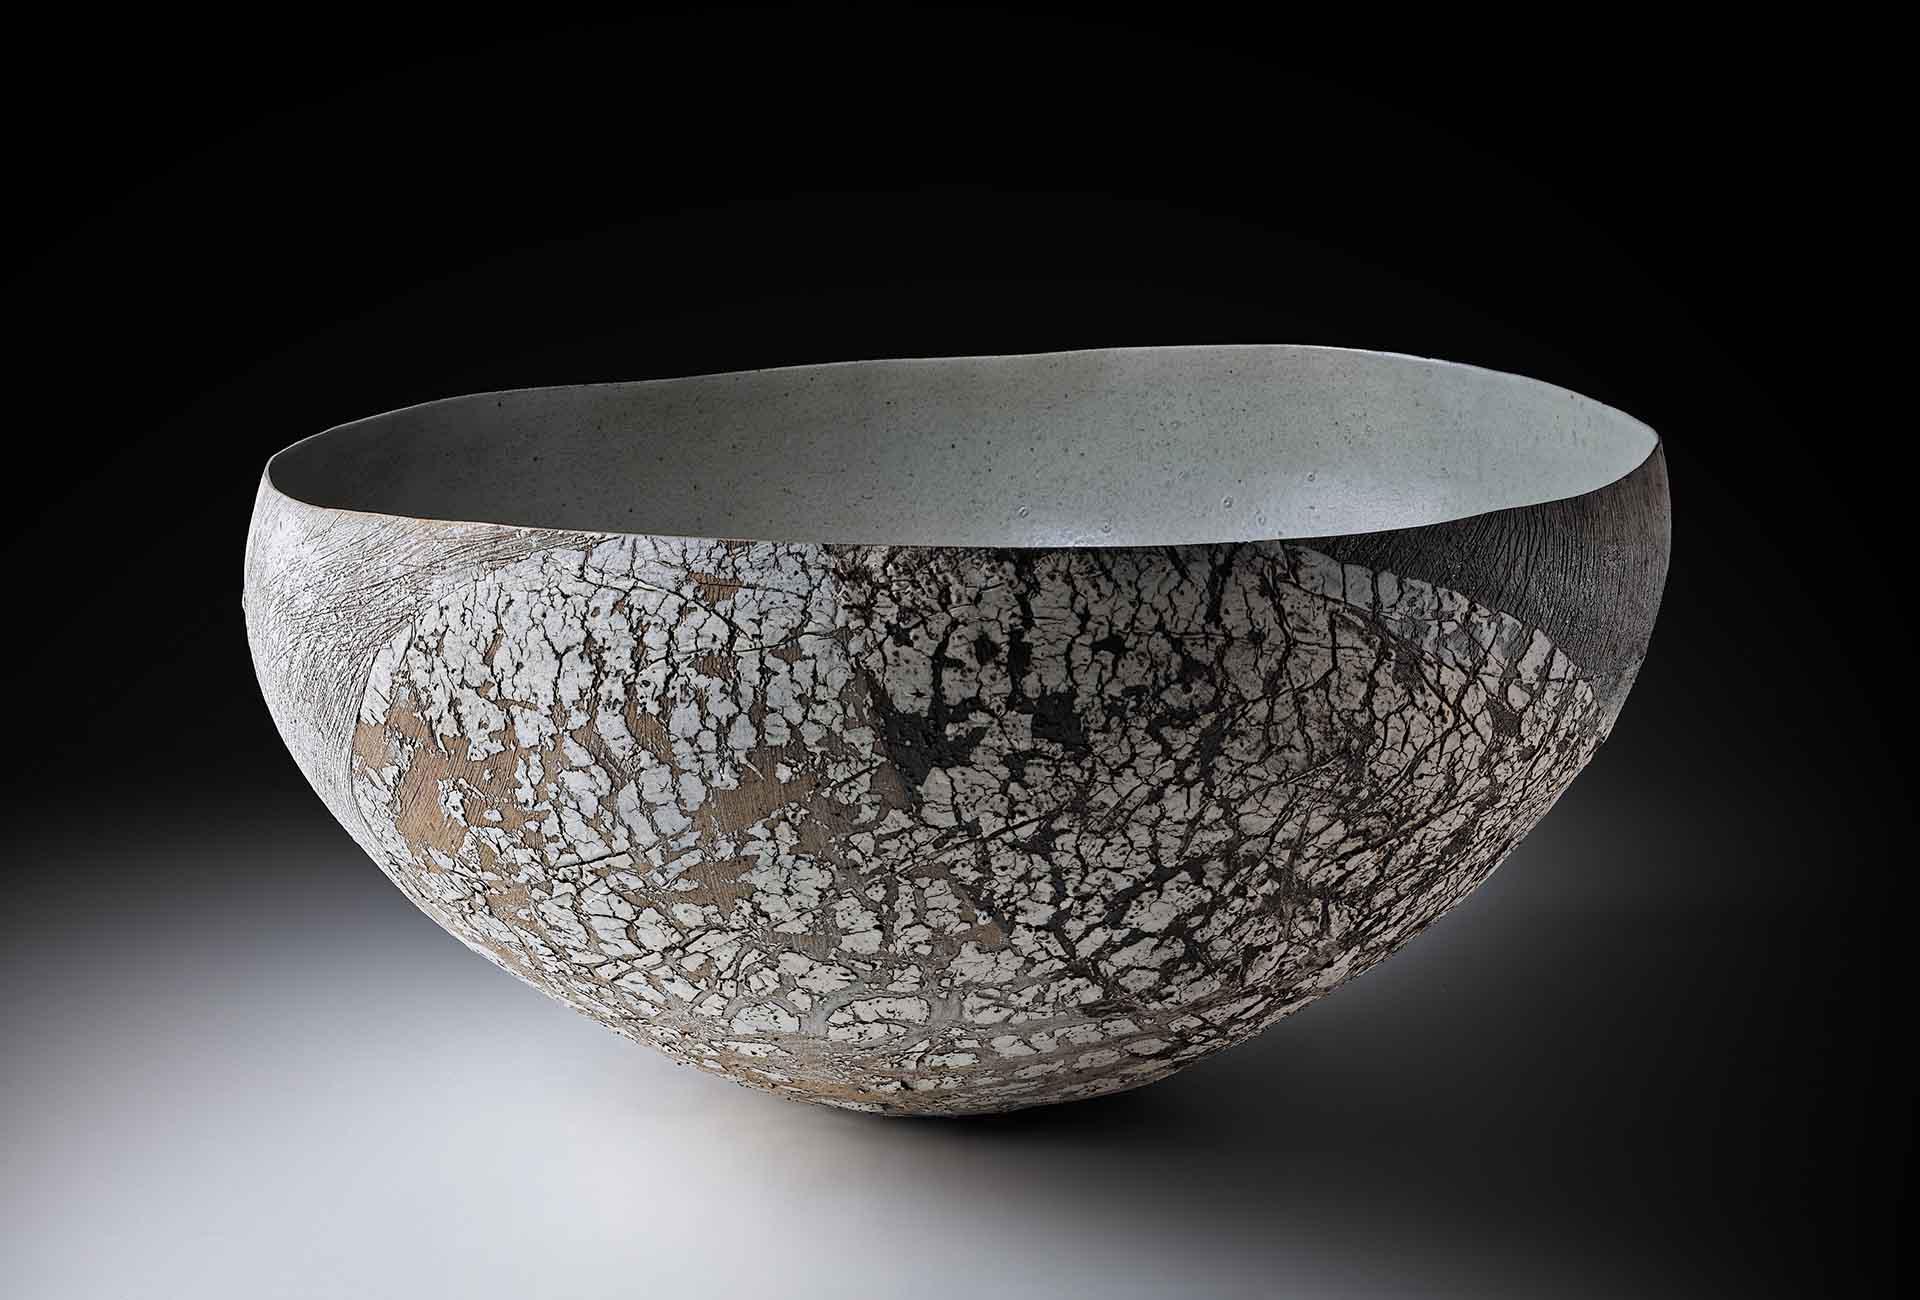 Galerie Metzge, Susanne Kallenbach, Große Strukturschale